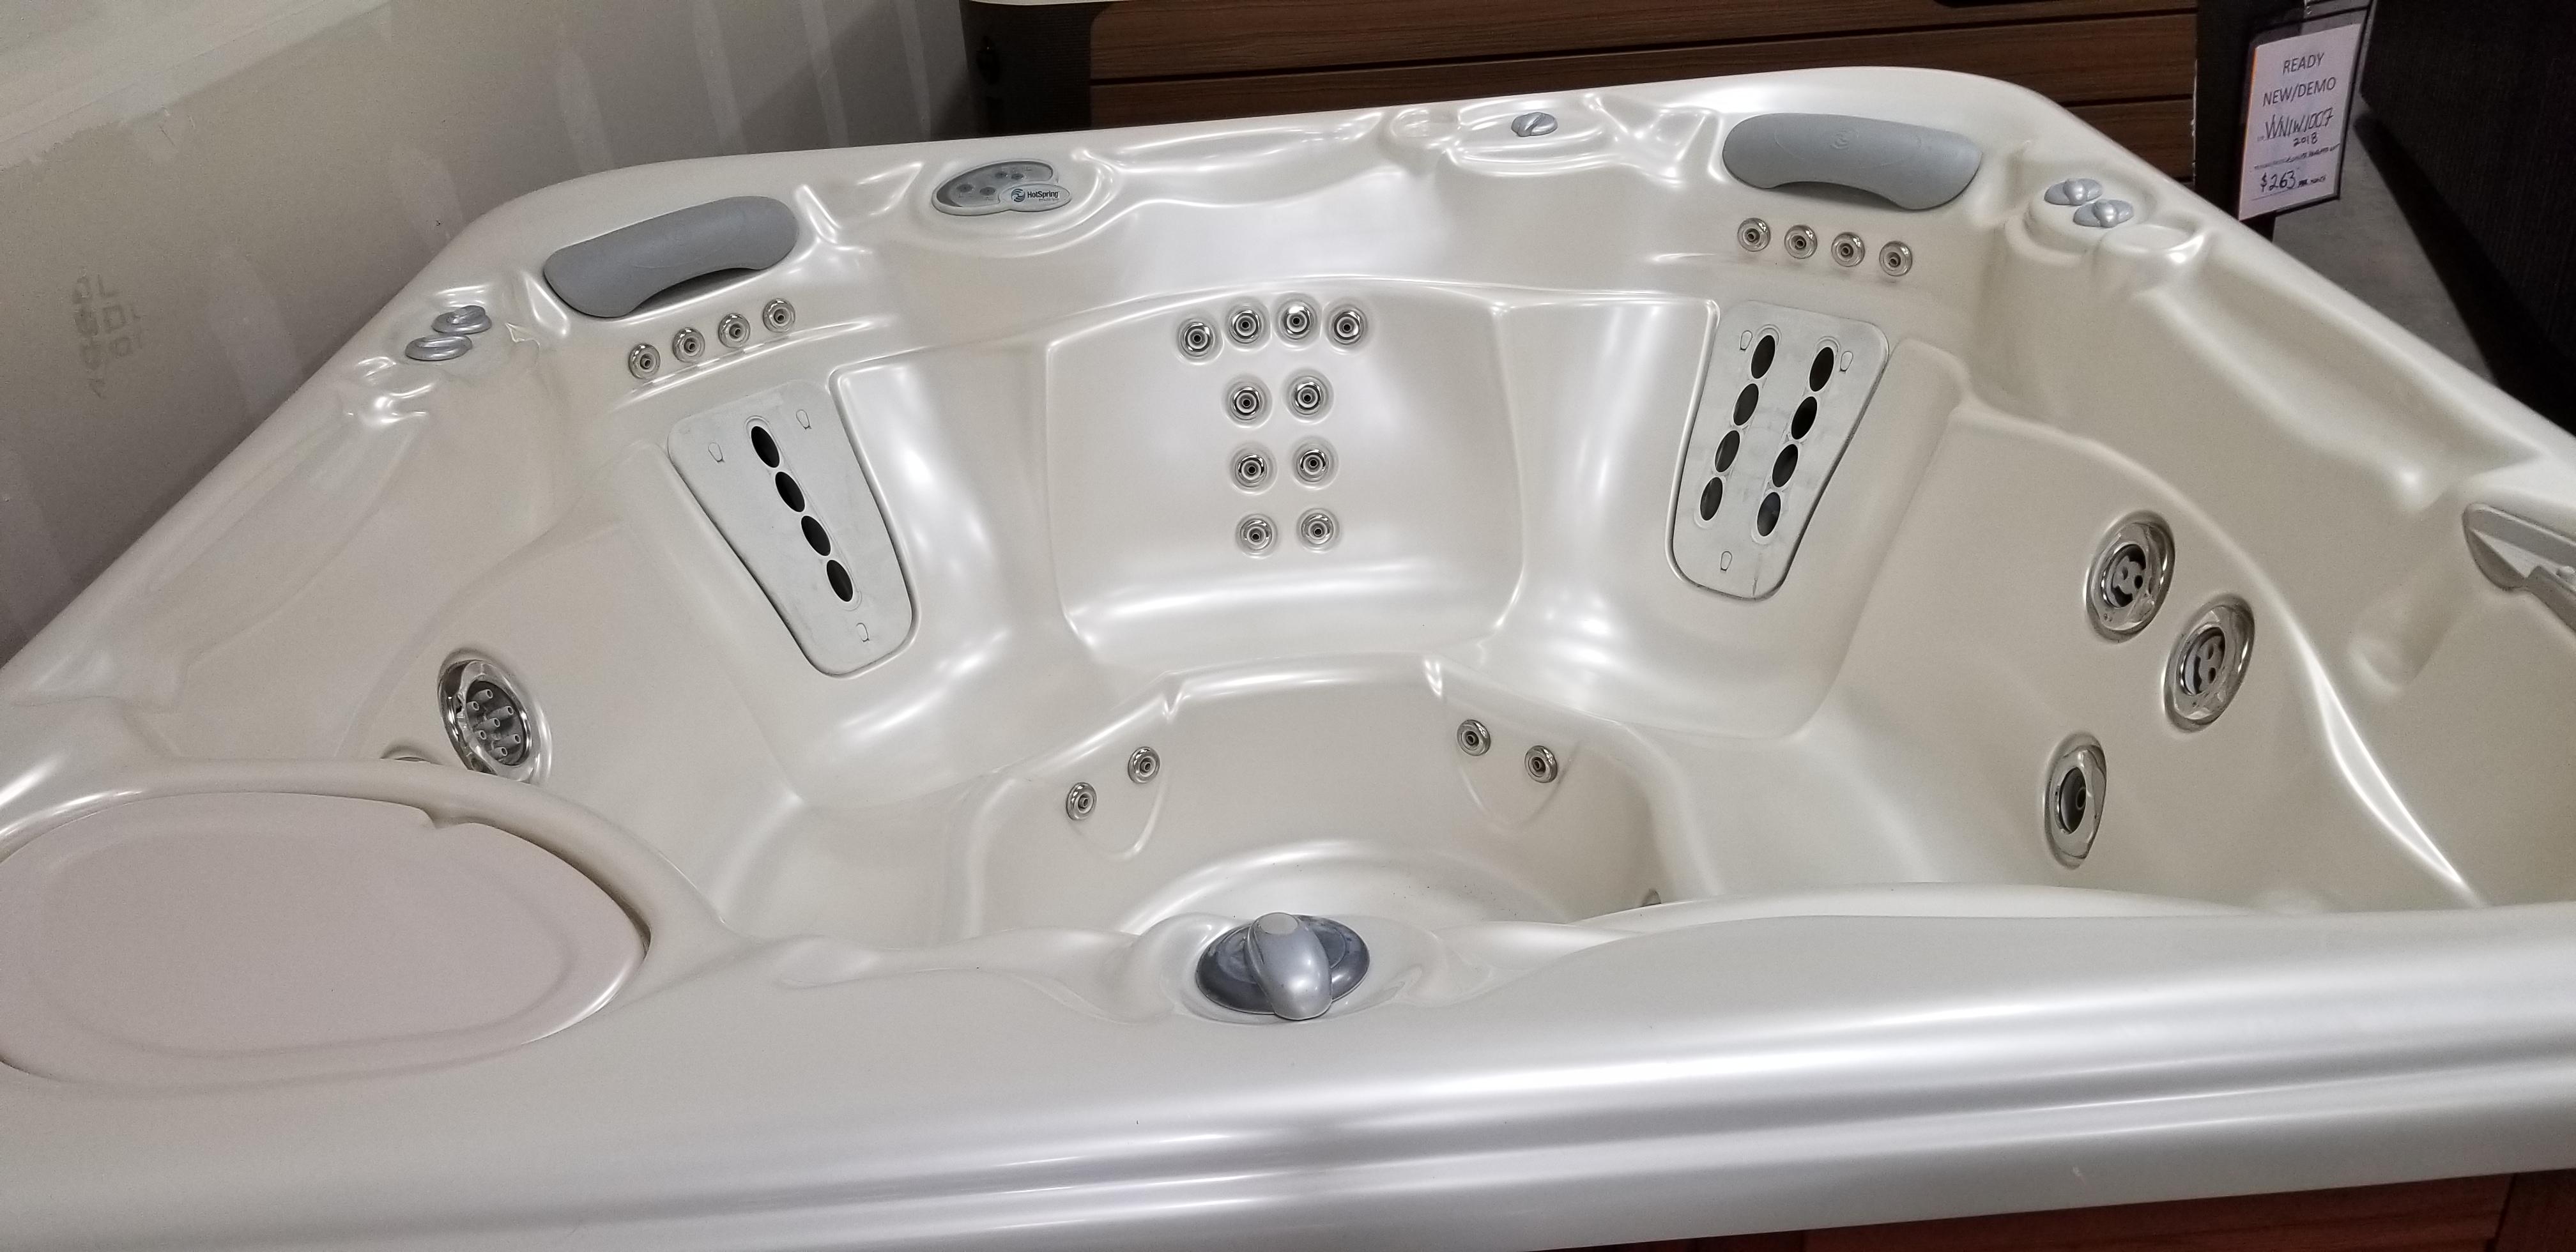 Used Tubs - Mountain Hot Tub